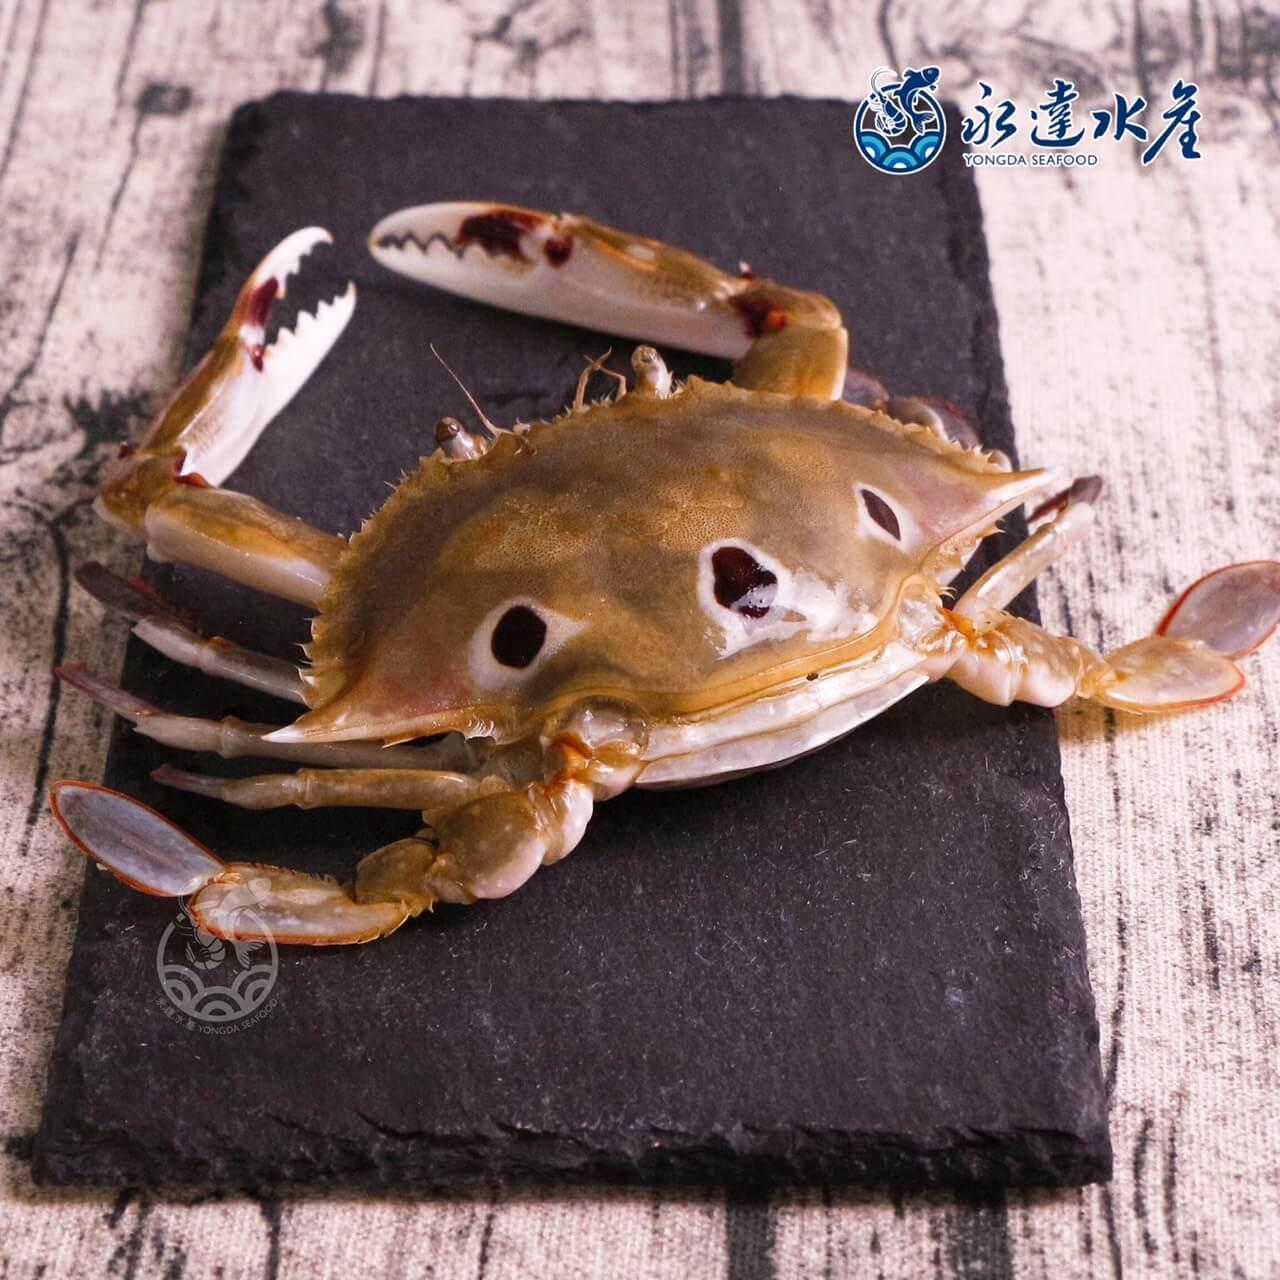 水產|海鮮|鮮凍抱蛋三點蟹|三點蟹|母蟹|蟹肉|蟹黃|螃蟹|蟹